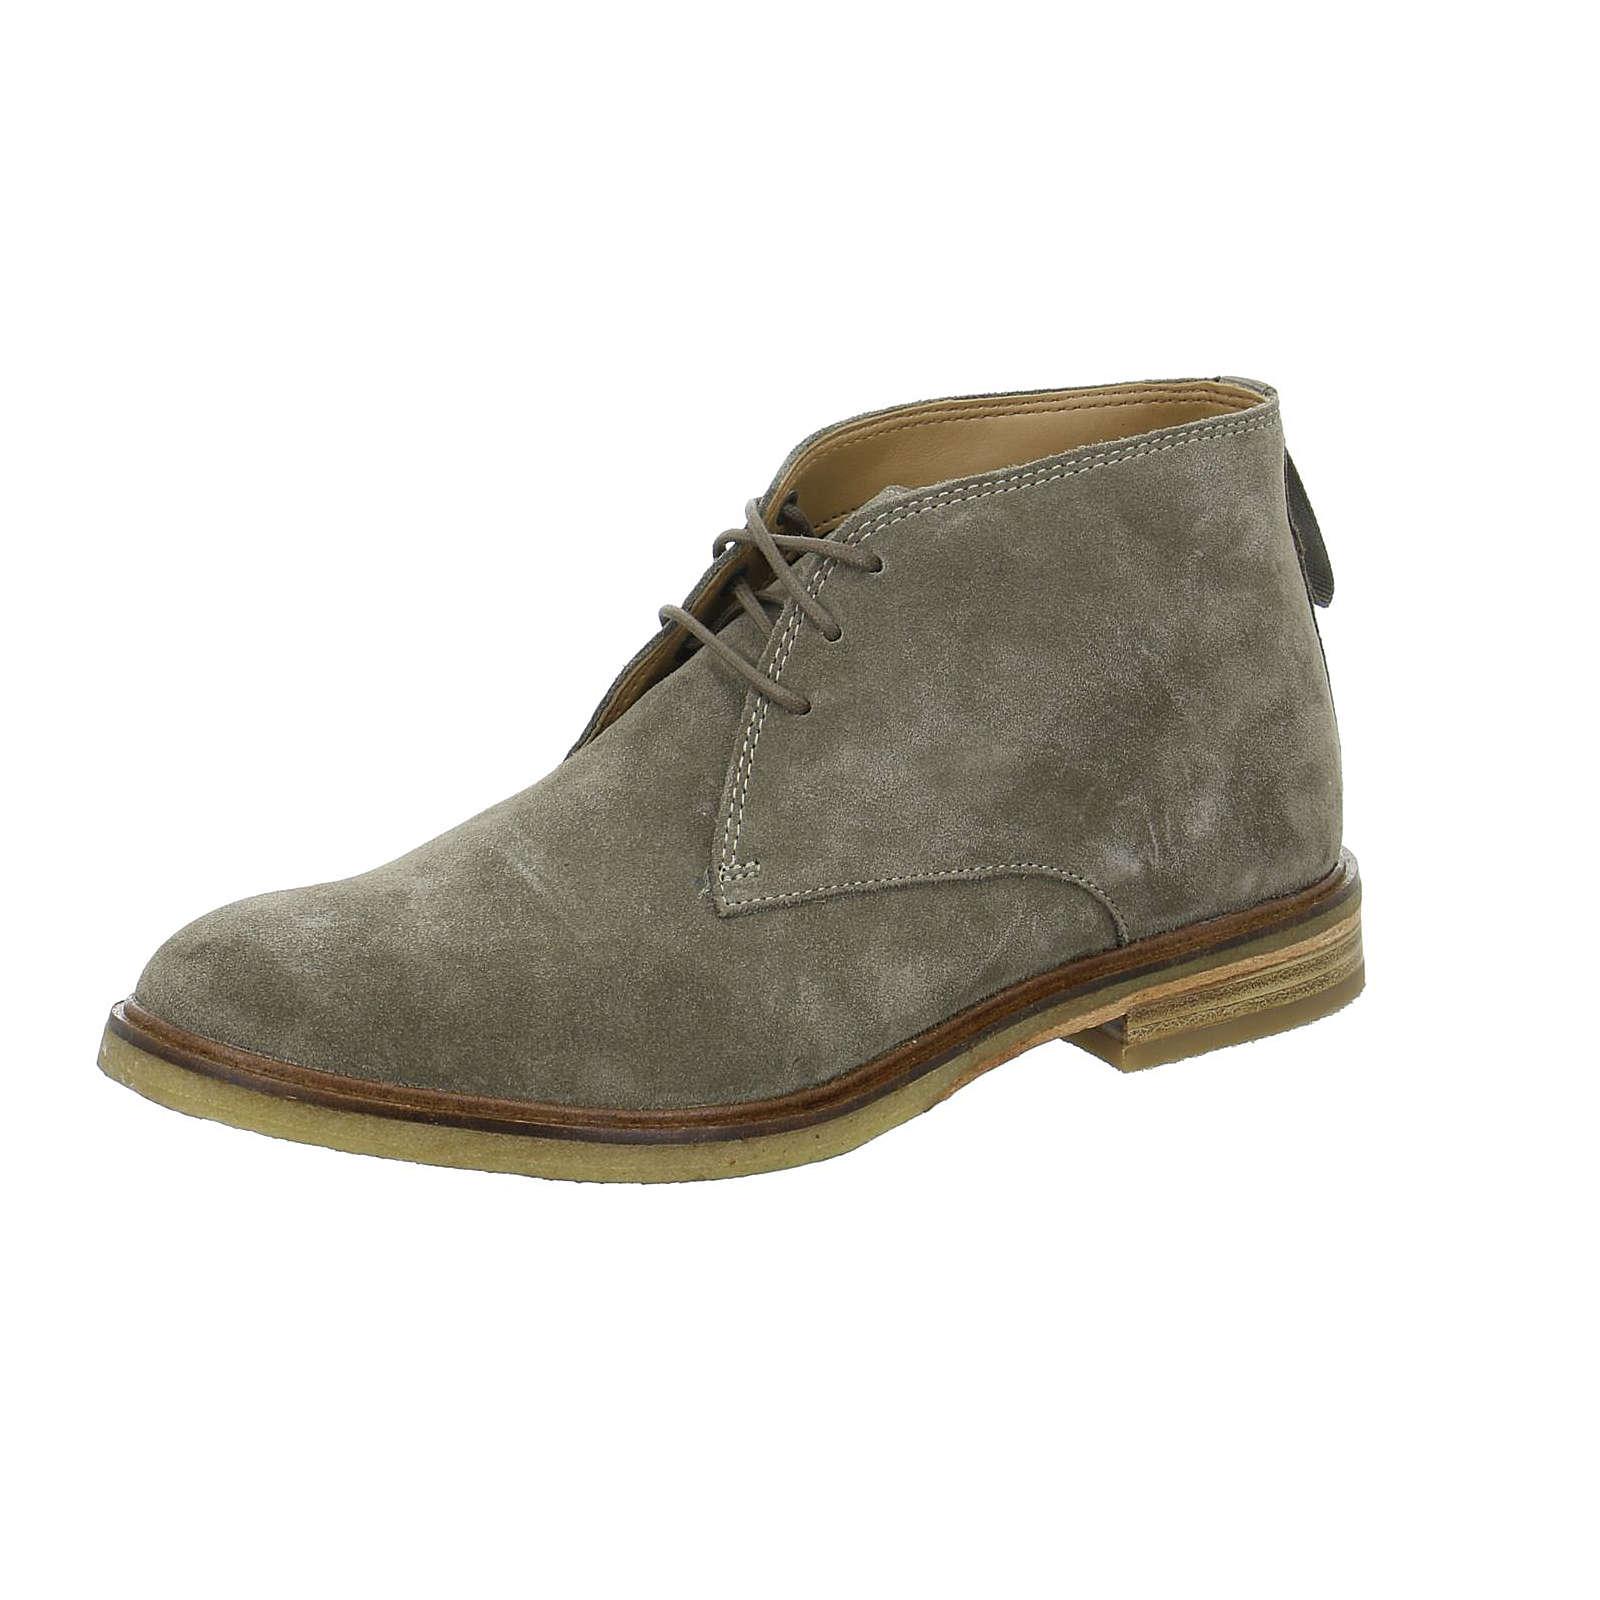 Clarks Desert Boots beige Herren Gr. 42,5